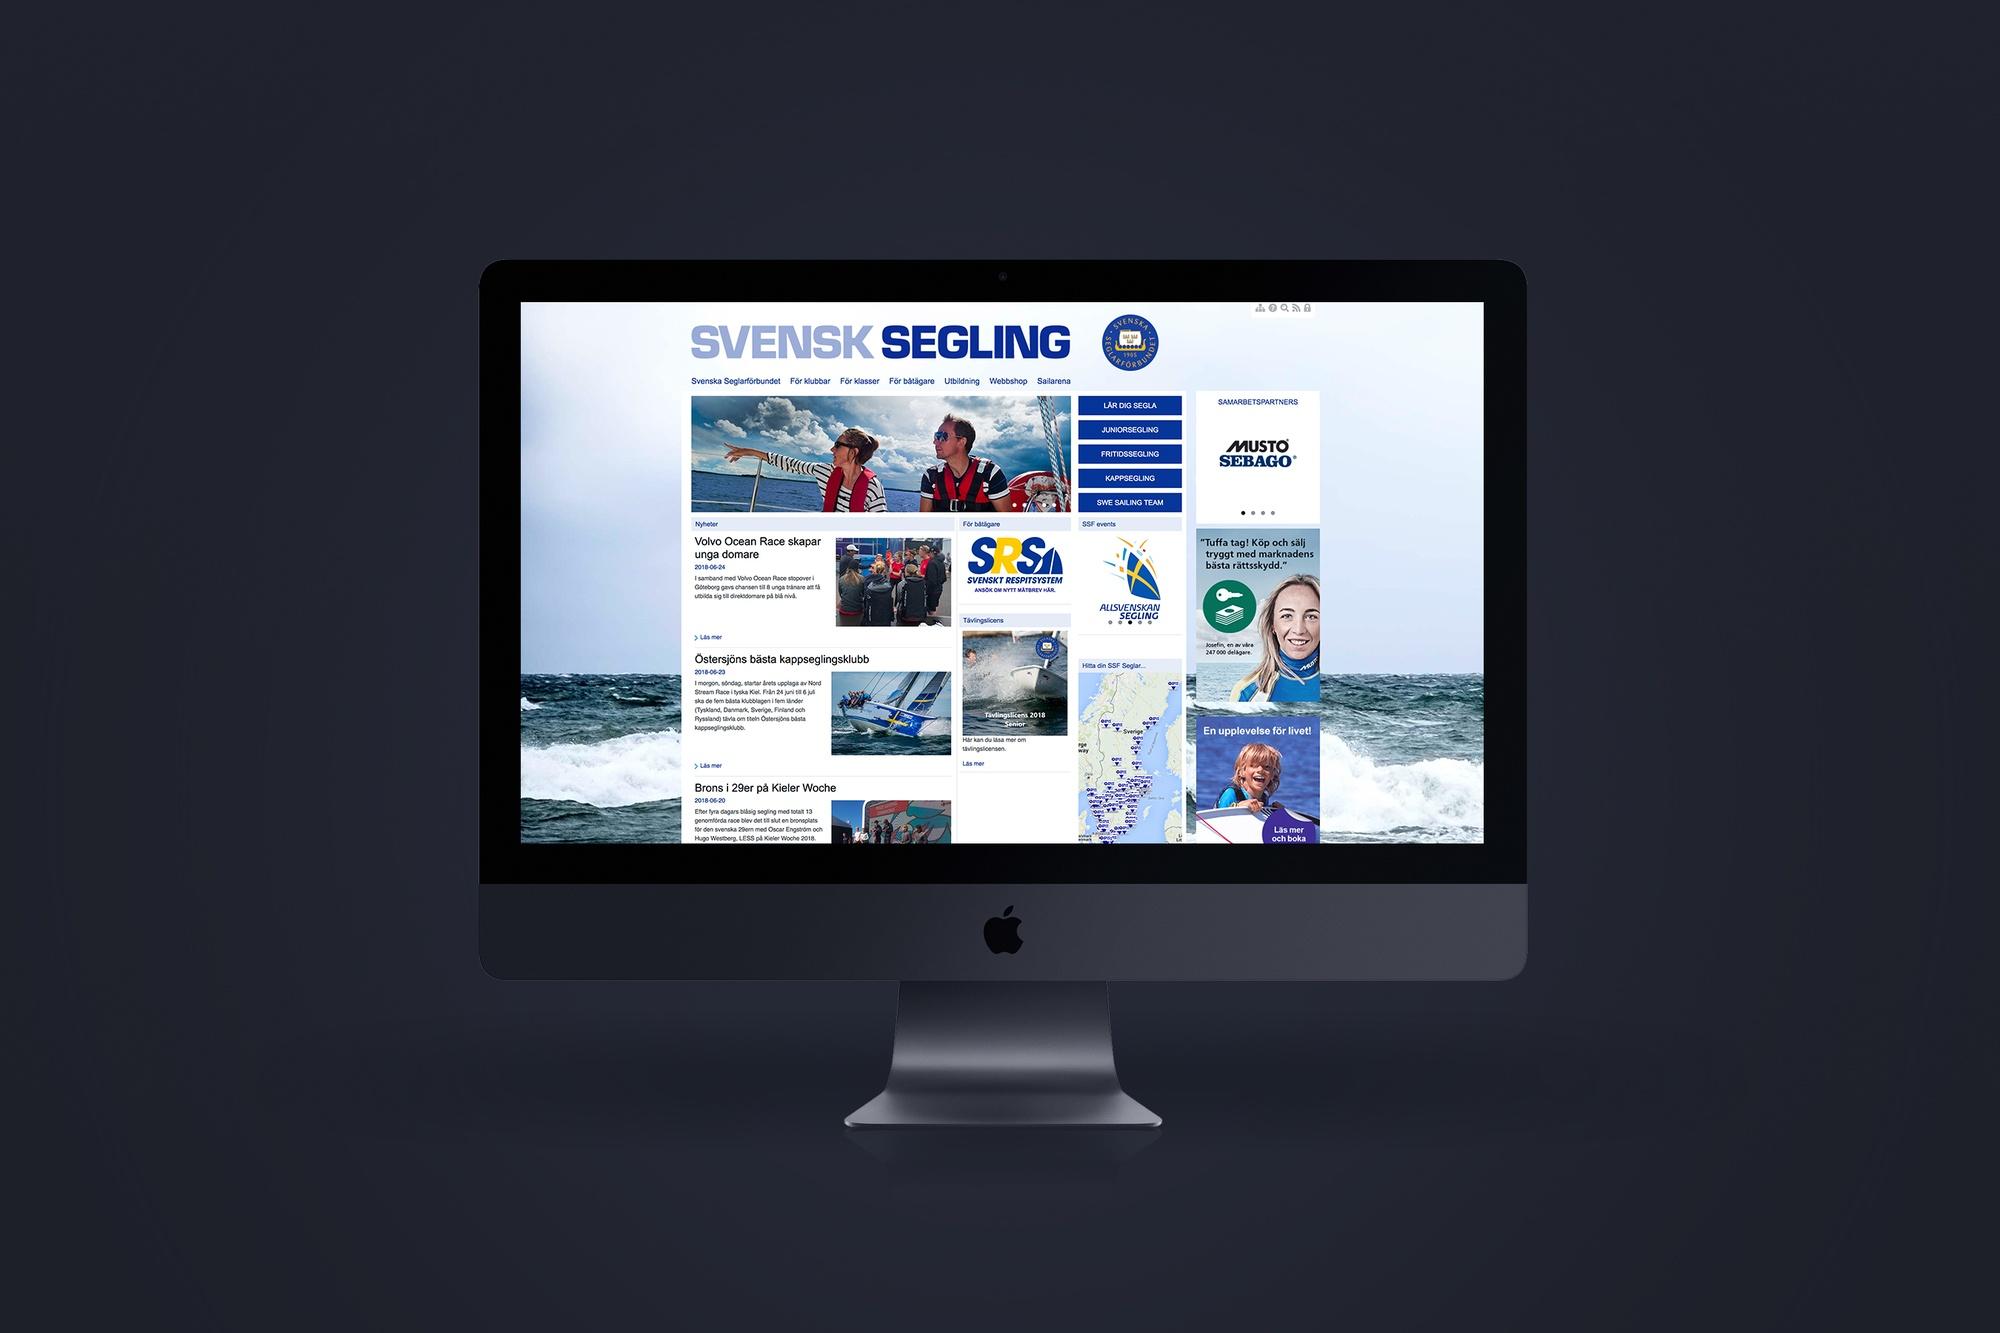 Web_seglarförbundet_2700